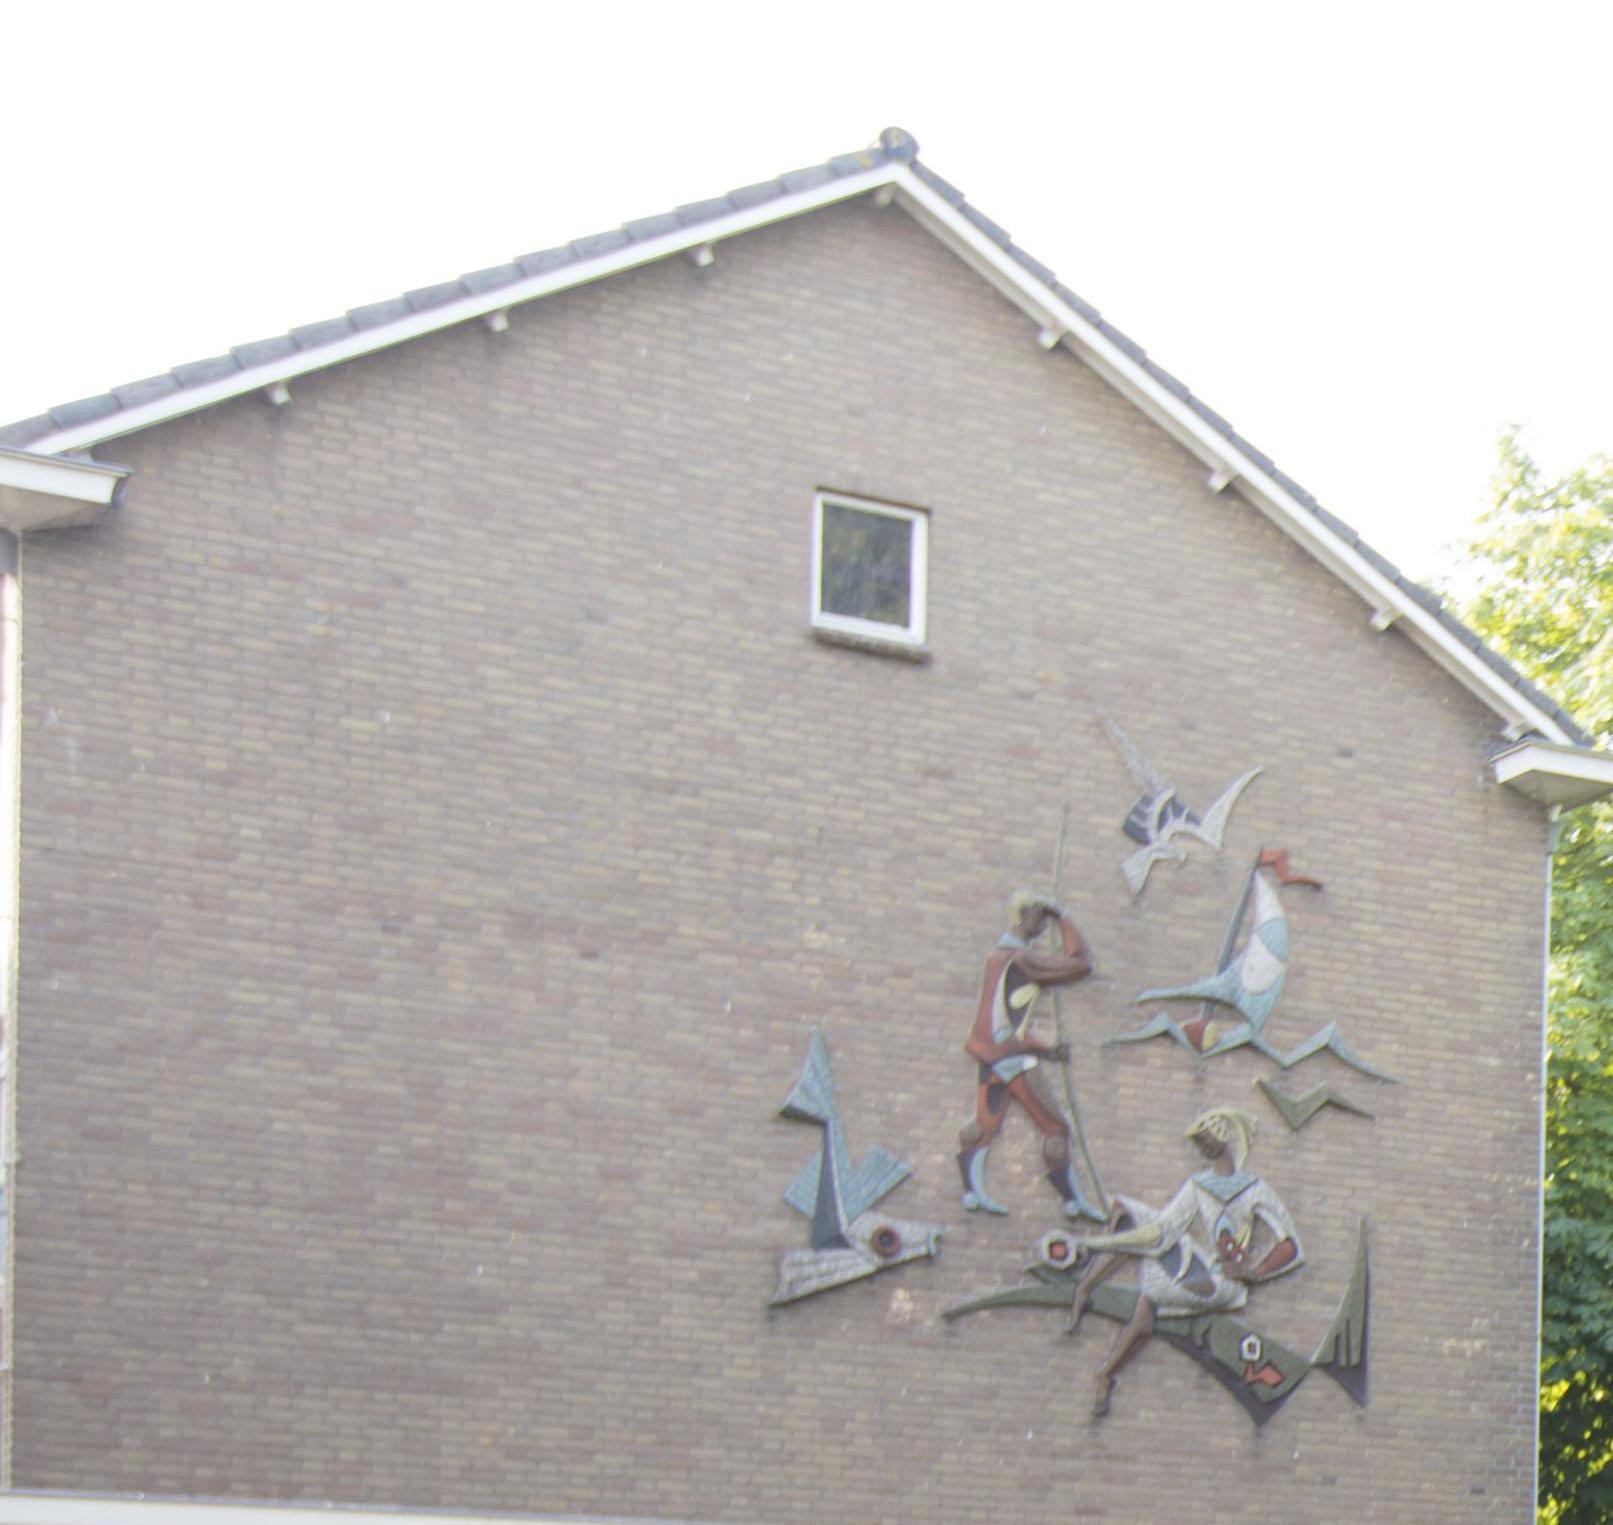 Kunstwerk moeilijk van gevel oude Gerardusschool te halen in Oude Wetering